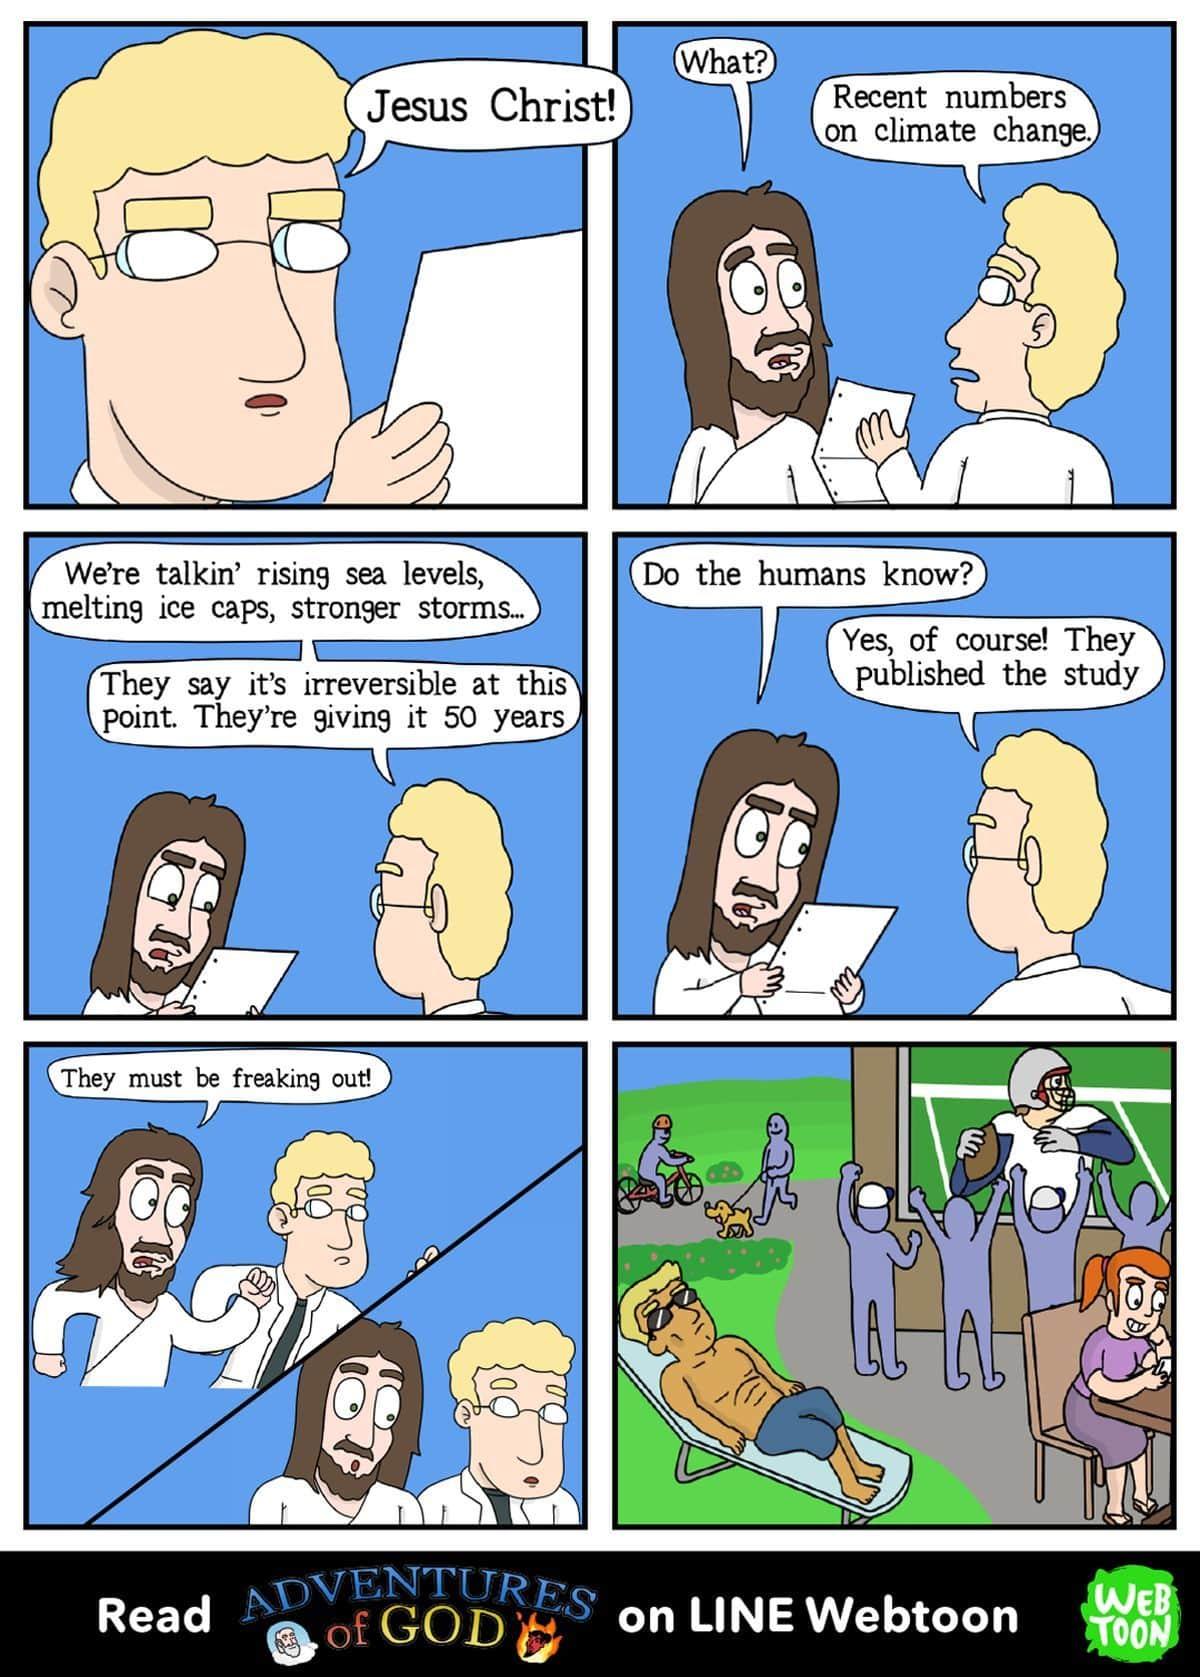 Adventures of God von Matteo Ferrazzi und Corey Jay | Lustiges | Was is hier eigentlich los?